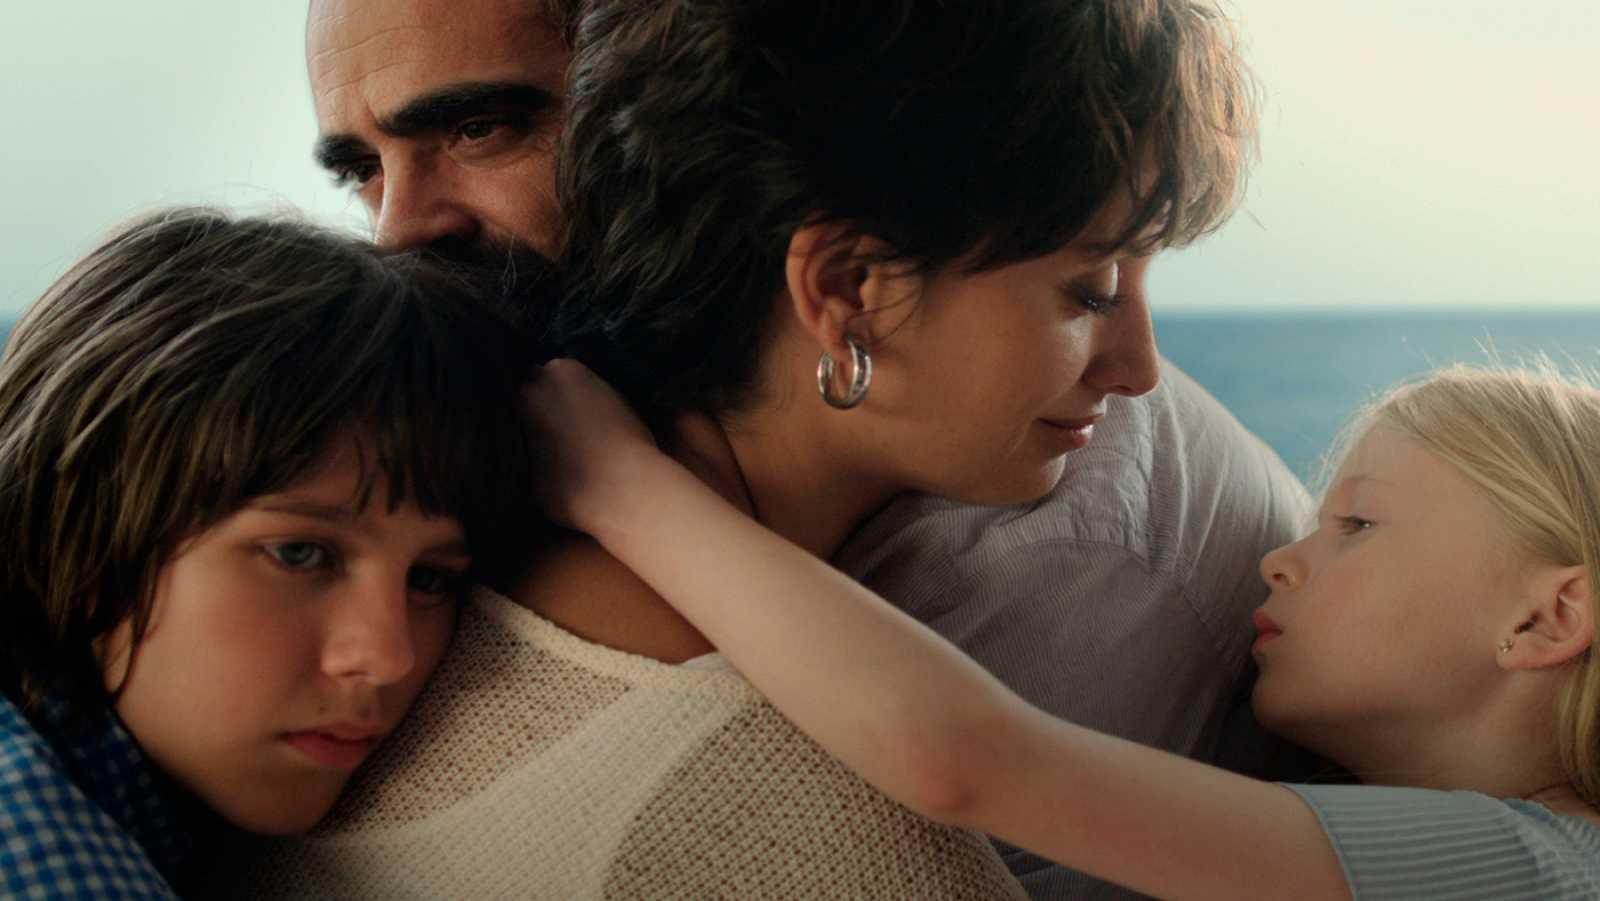 Ma Ma De Julio Medem Cine Español Online En Somos Cine Rtve Es